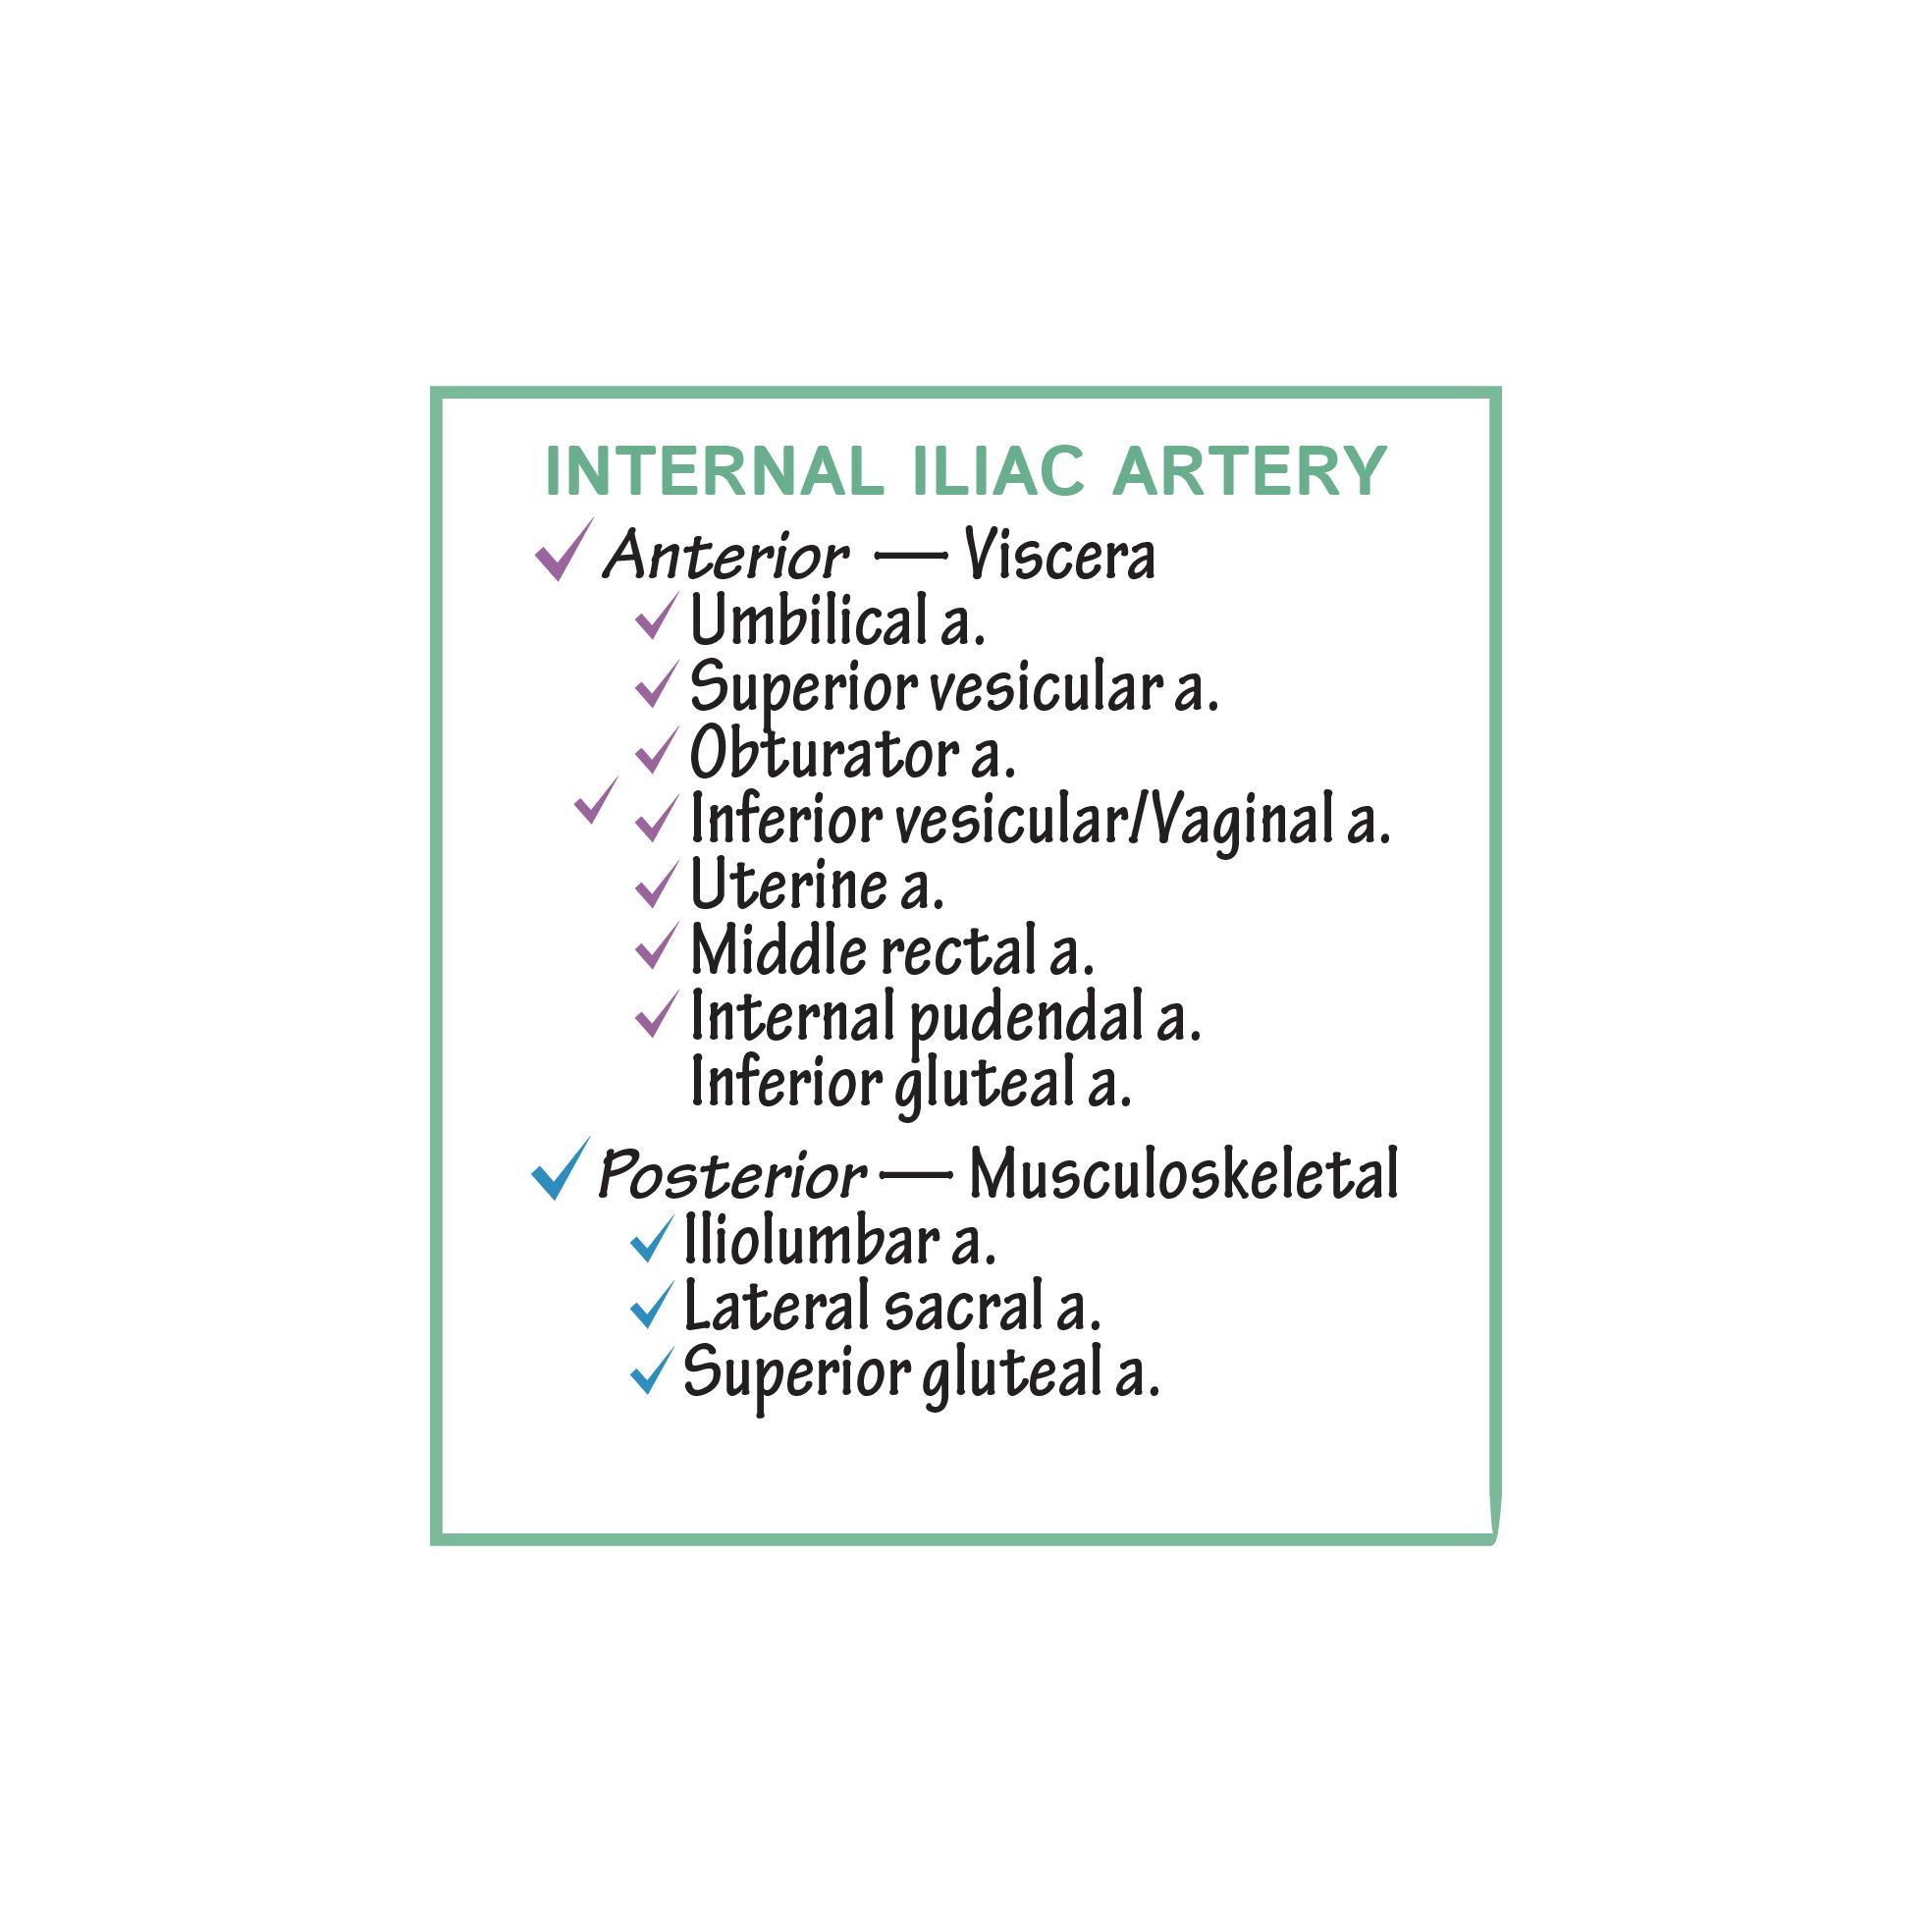 Gross Anatomy Glossary: Arteries - Internal Iliac & Branches | Draw ...